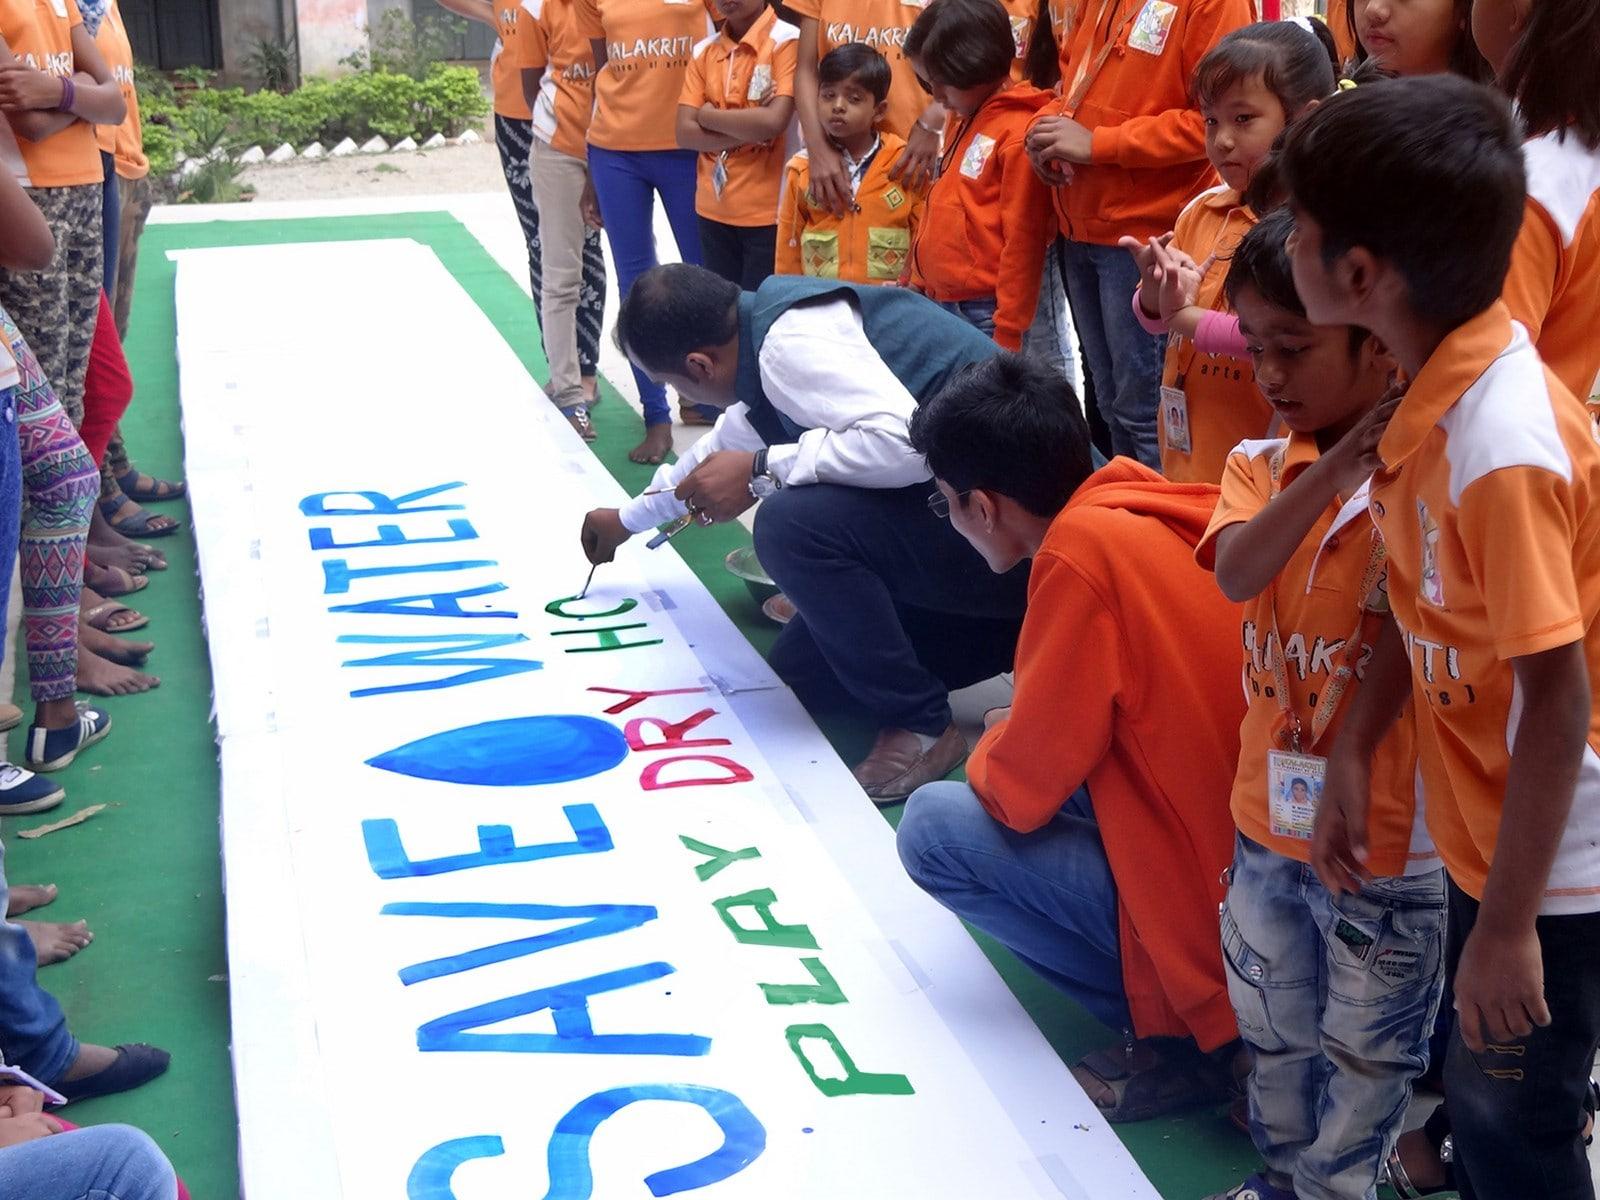 कलाकृति के बच्चों ने बनाई 50 फीट की पिचकारी,  किया होली में पानी ना बर्बाद करने का आग्रह